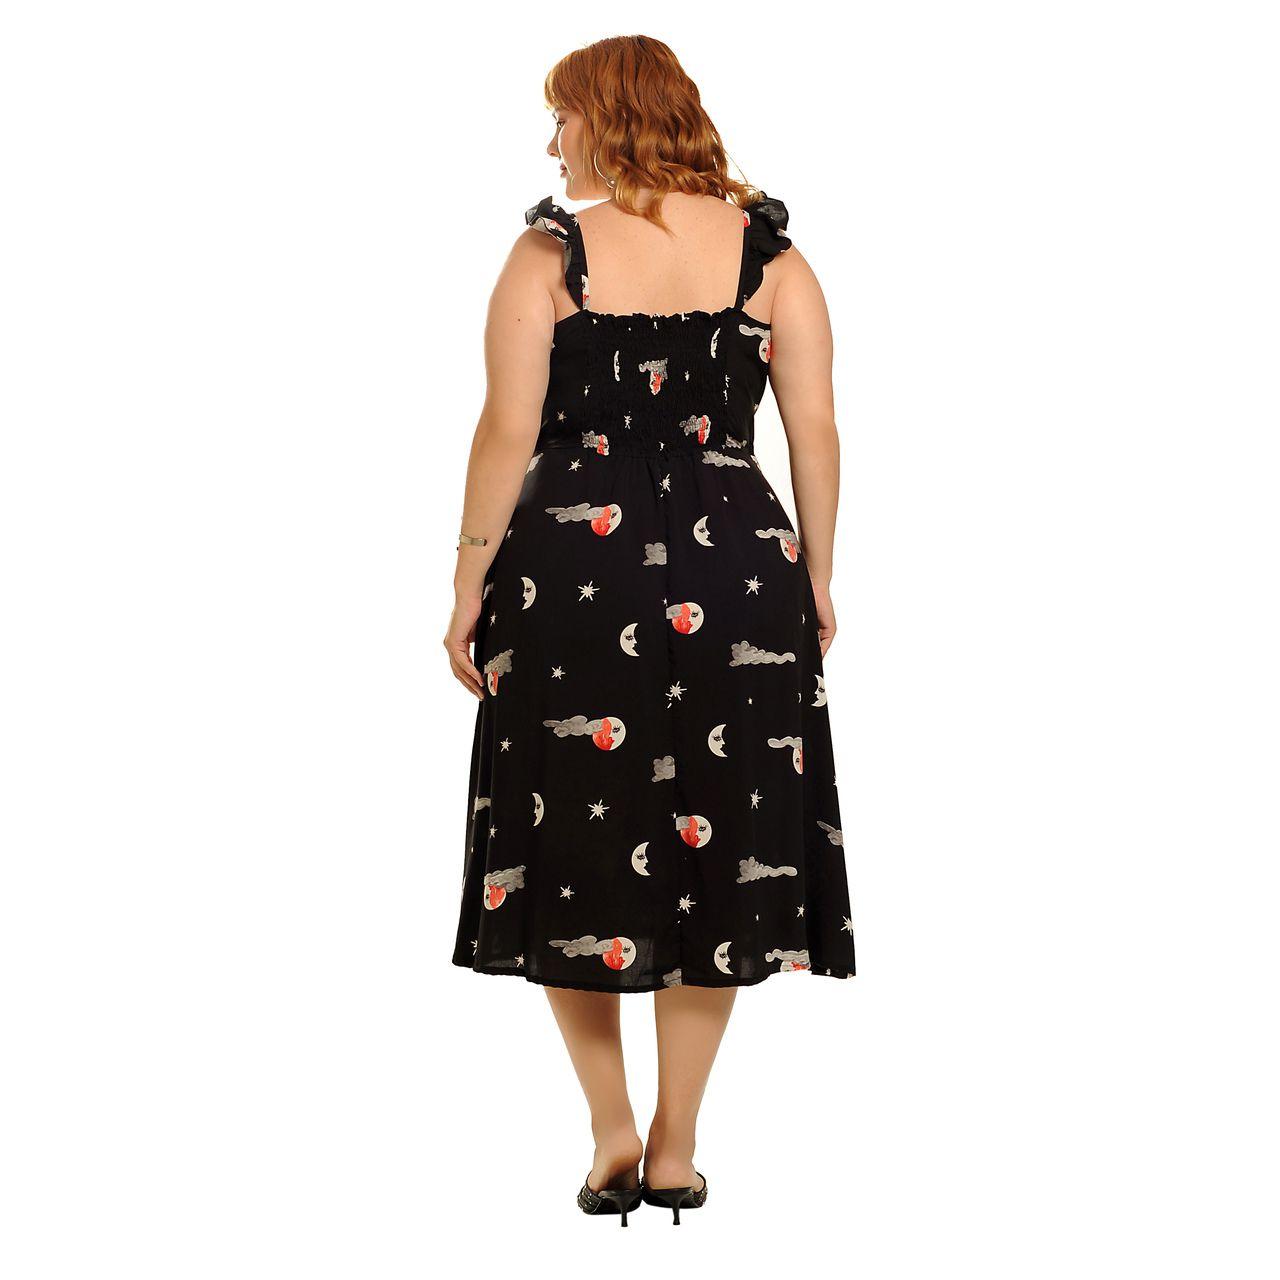 Vestido transpassado sol & lua preto plus size